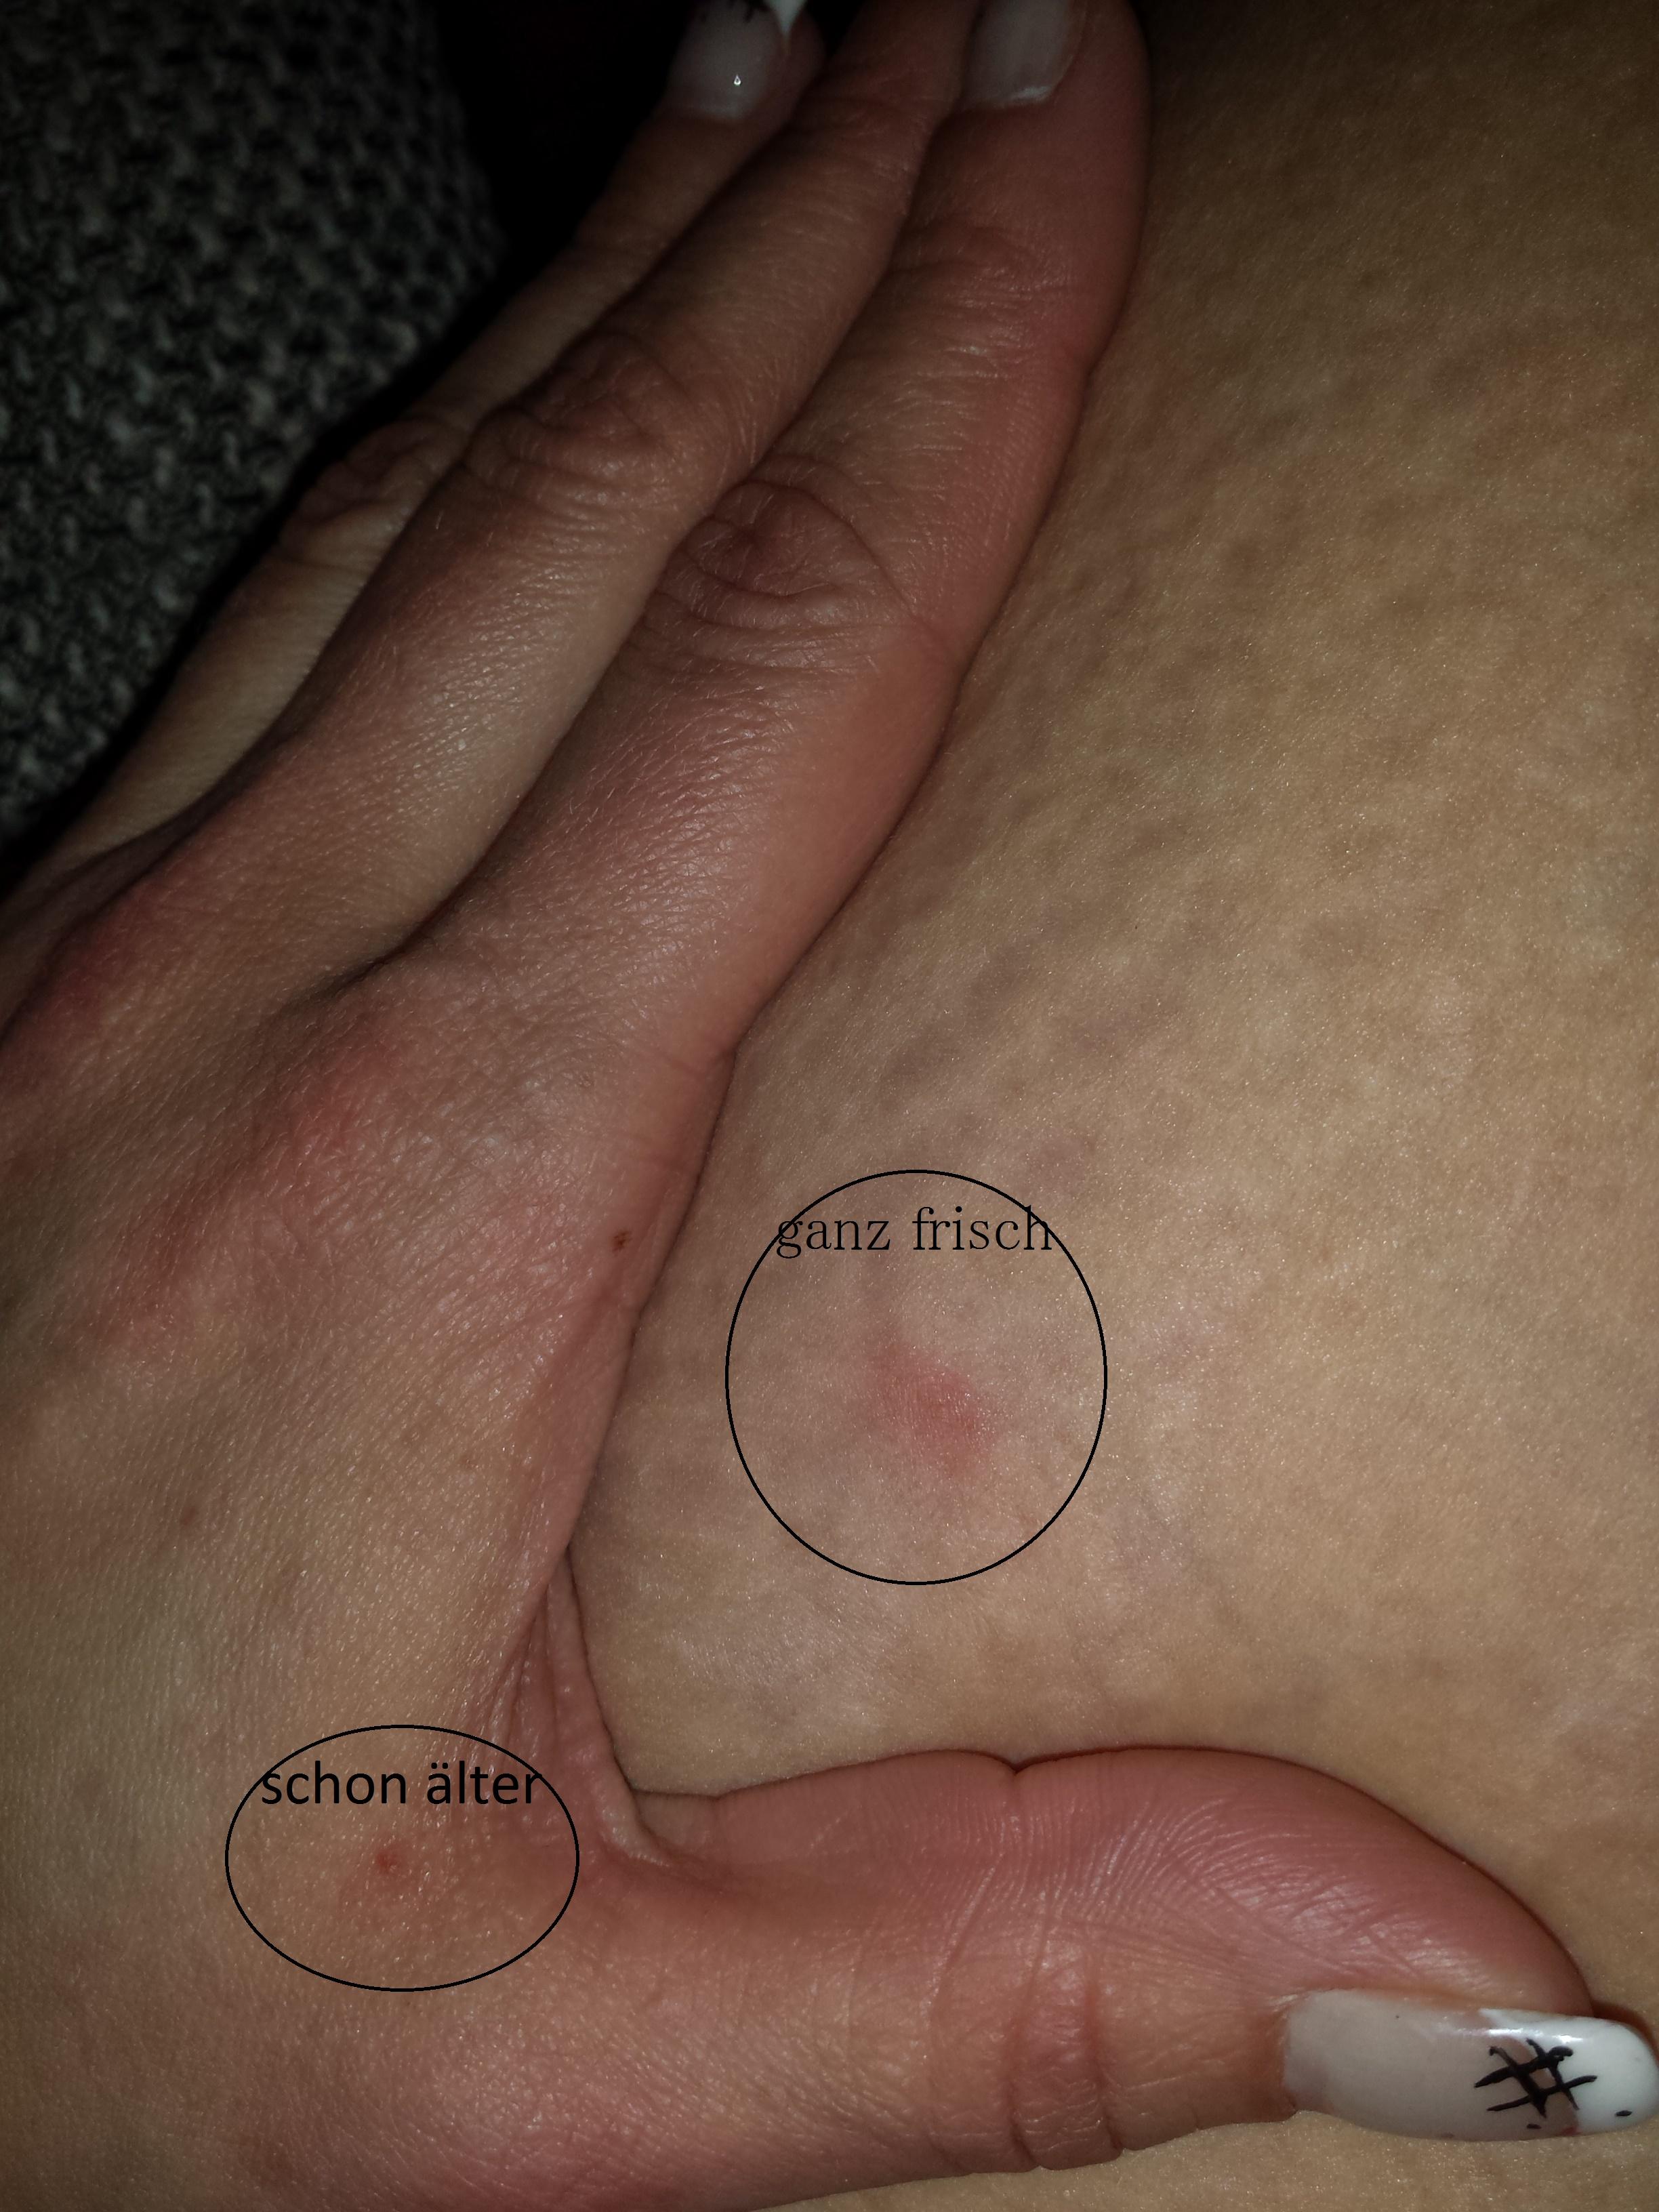 Der Porno das große Mitglied, wie zu vergrössern